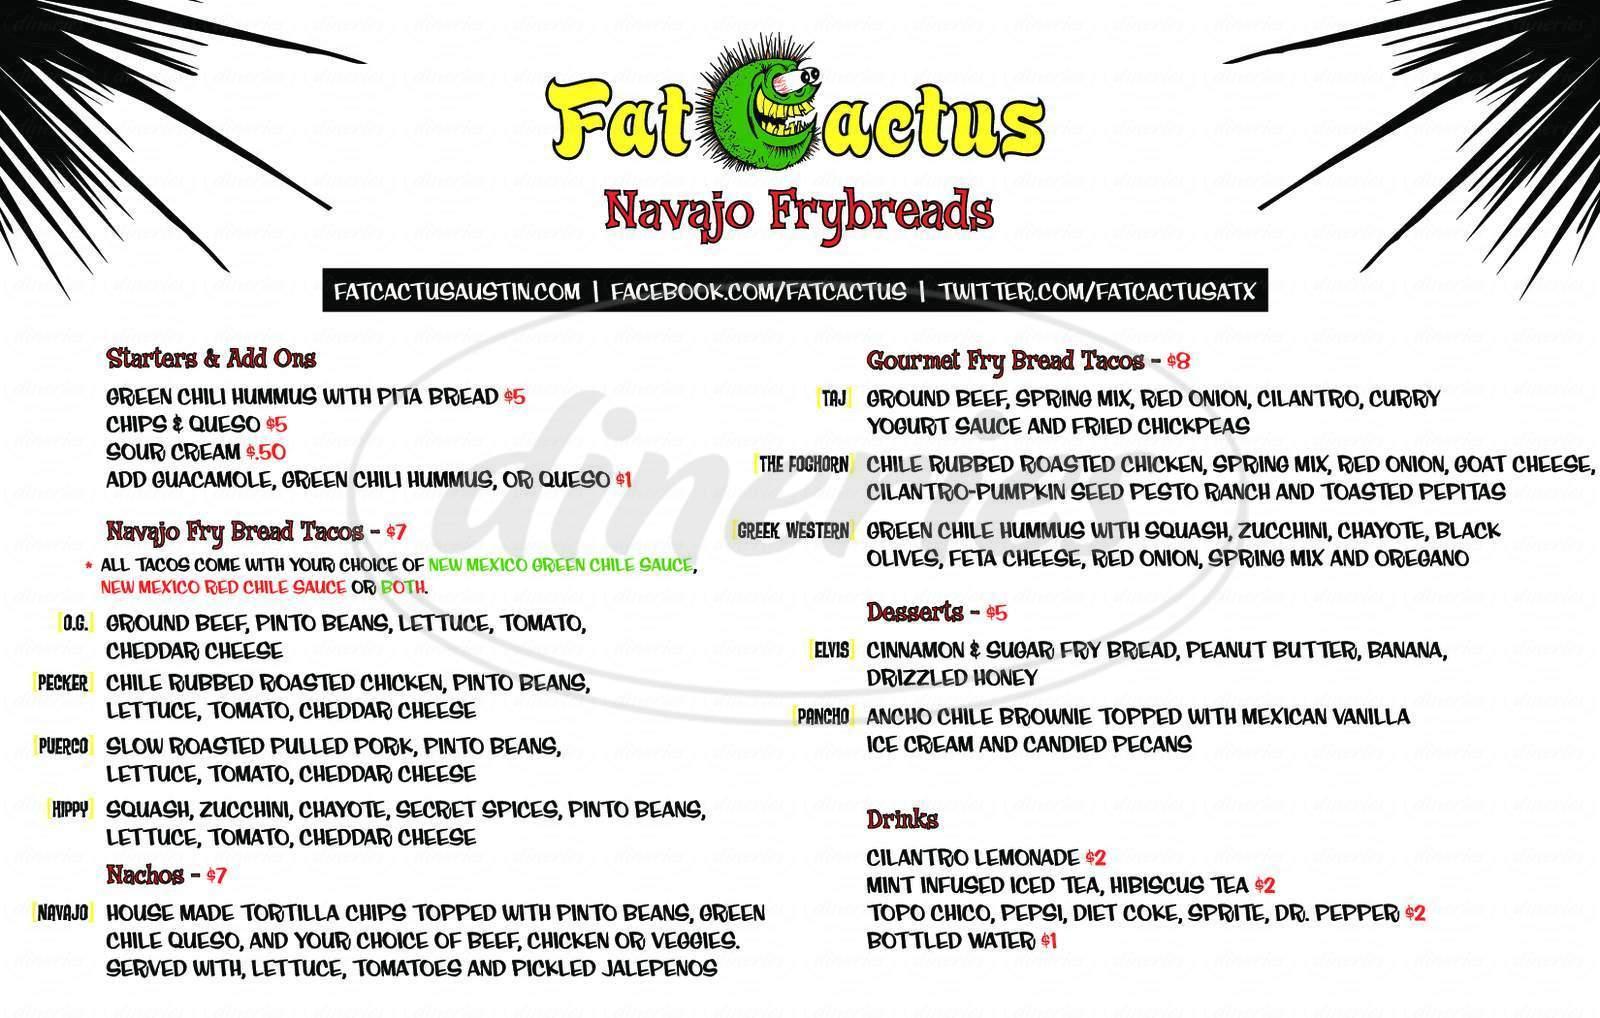 menu for Fat Cactus